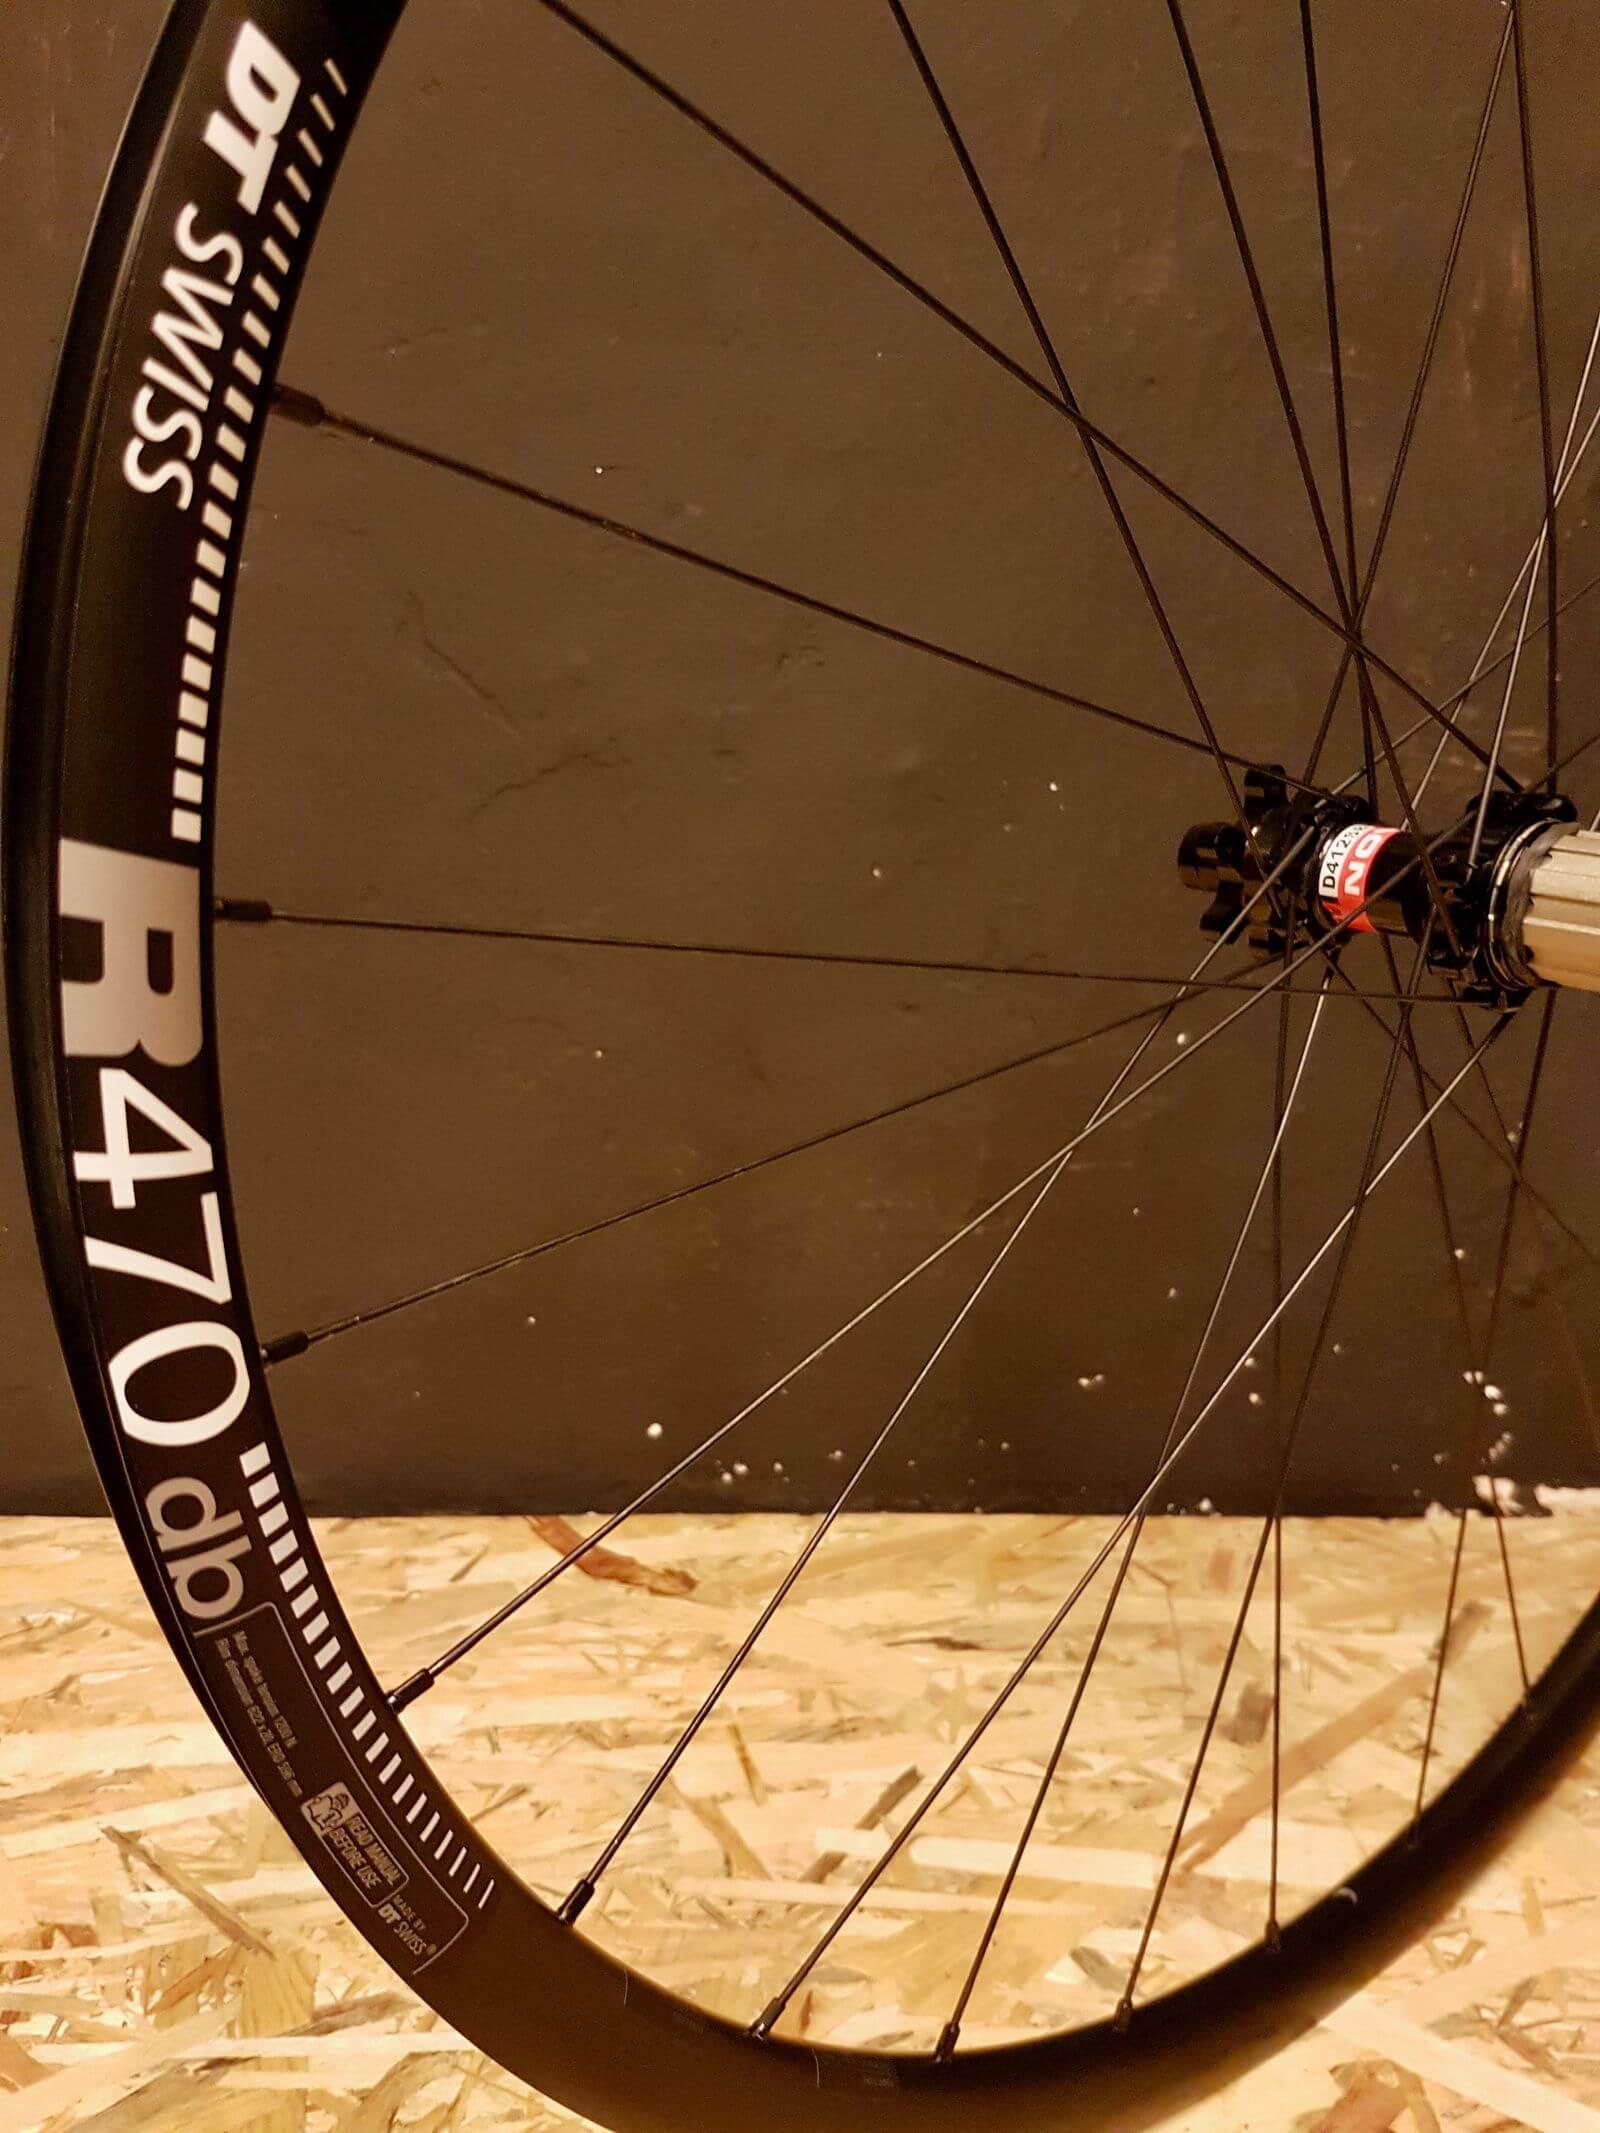 Aluminiowa obręcz DT Swiss R470 Novatec D411/D412 Pillar 28 cali w kole do roweru gravel i road na 24 szprychach Pillar